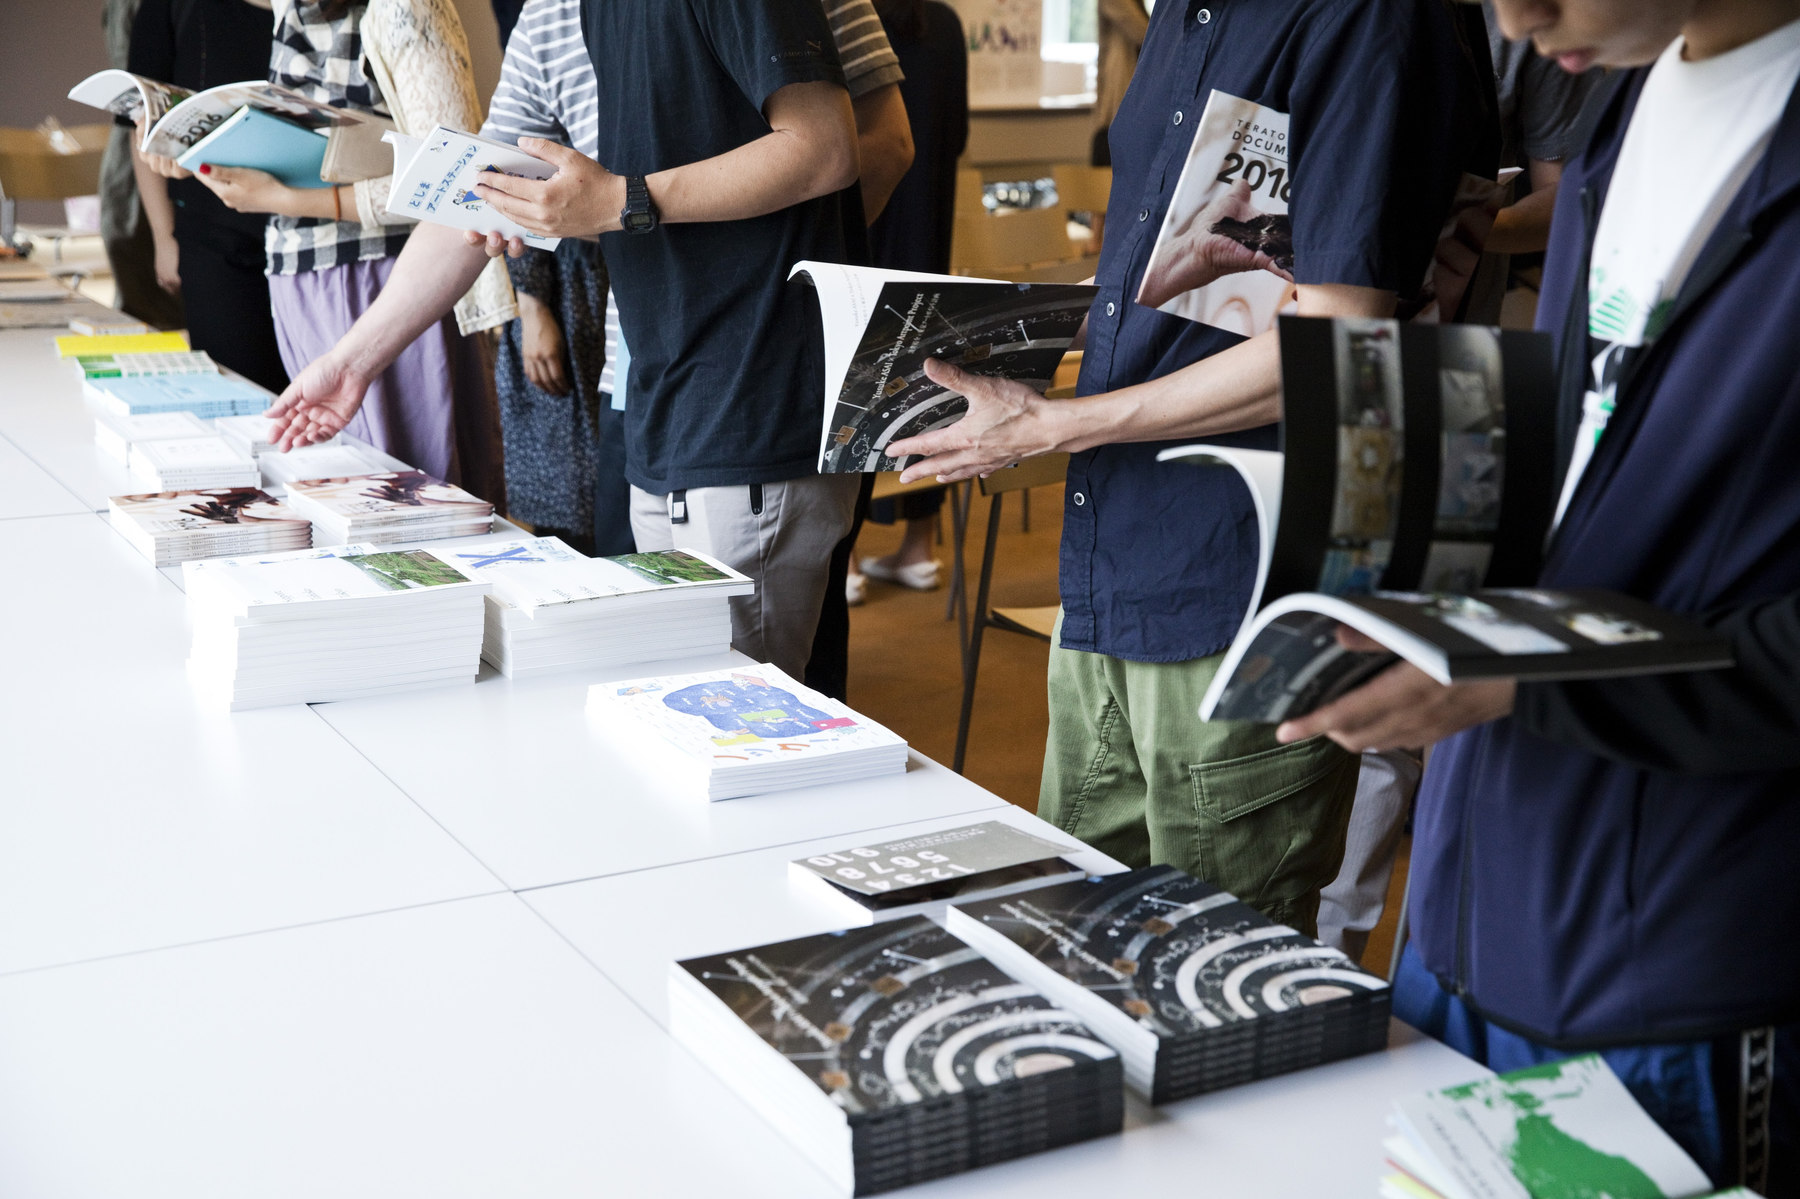 東京アートポイント計画やTokyo Art Research Labから生まれた成果物。過去8年間で発行した冊子・印刷物は200冊以上。